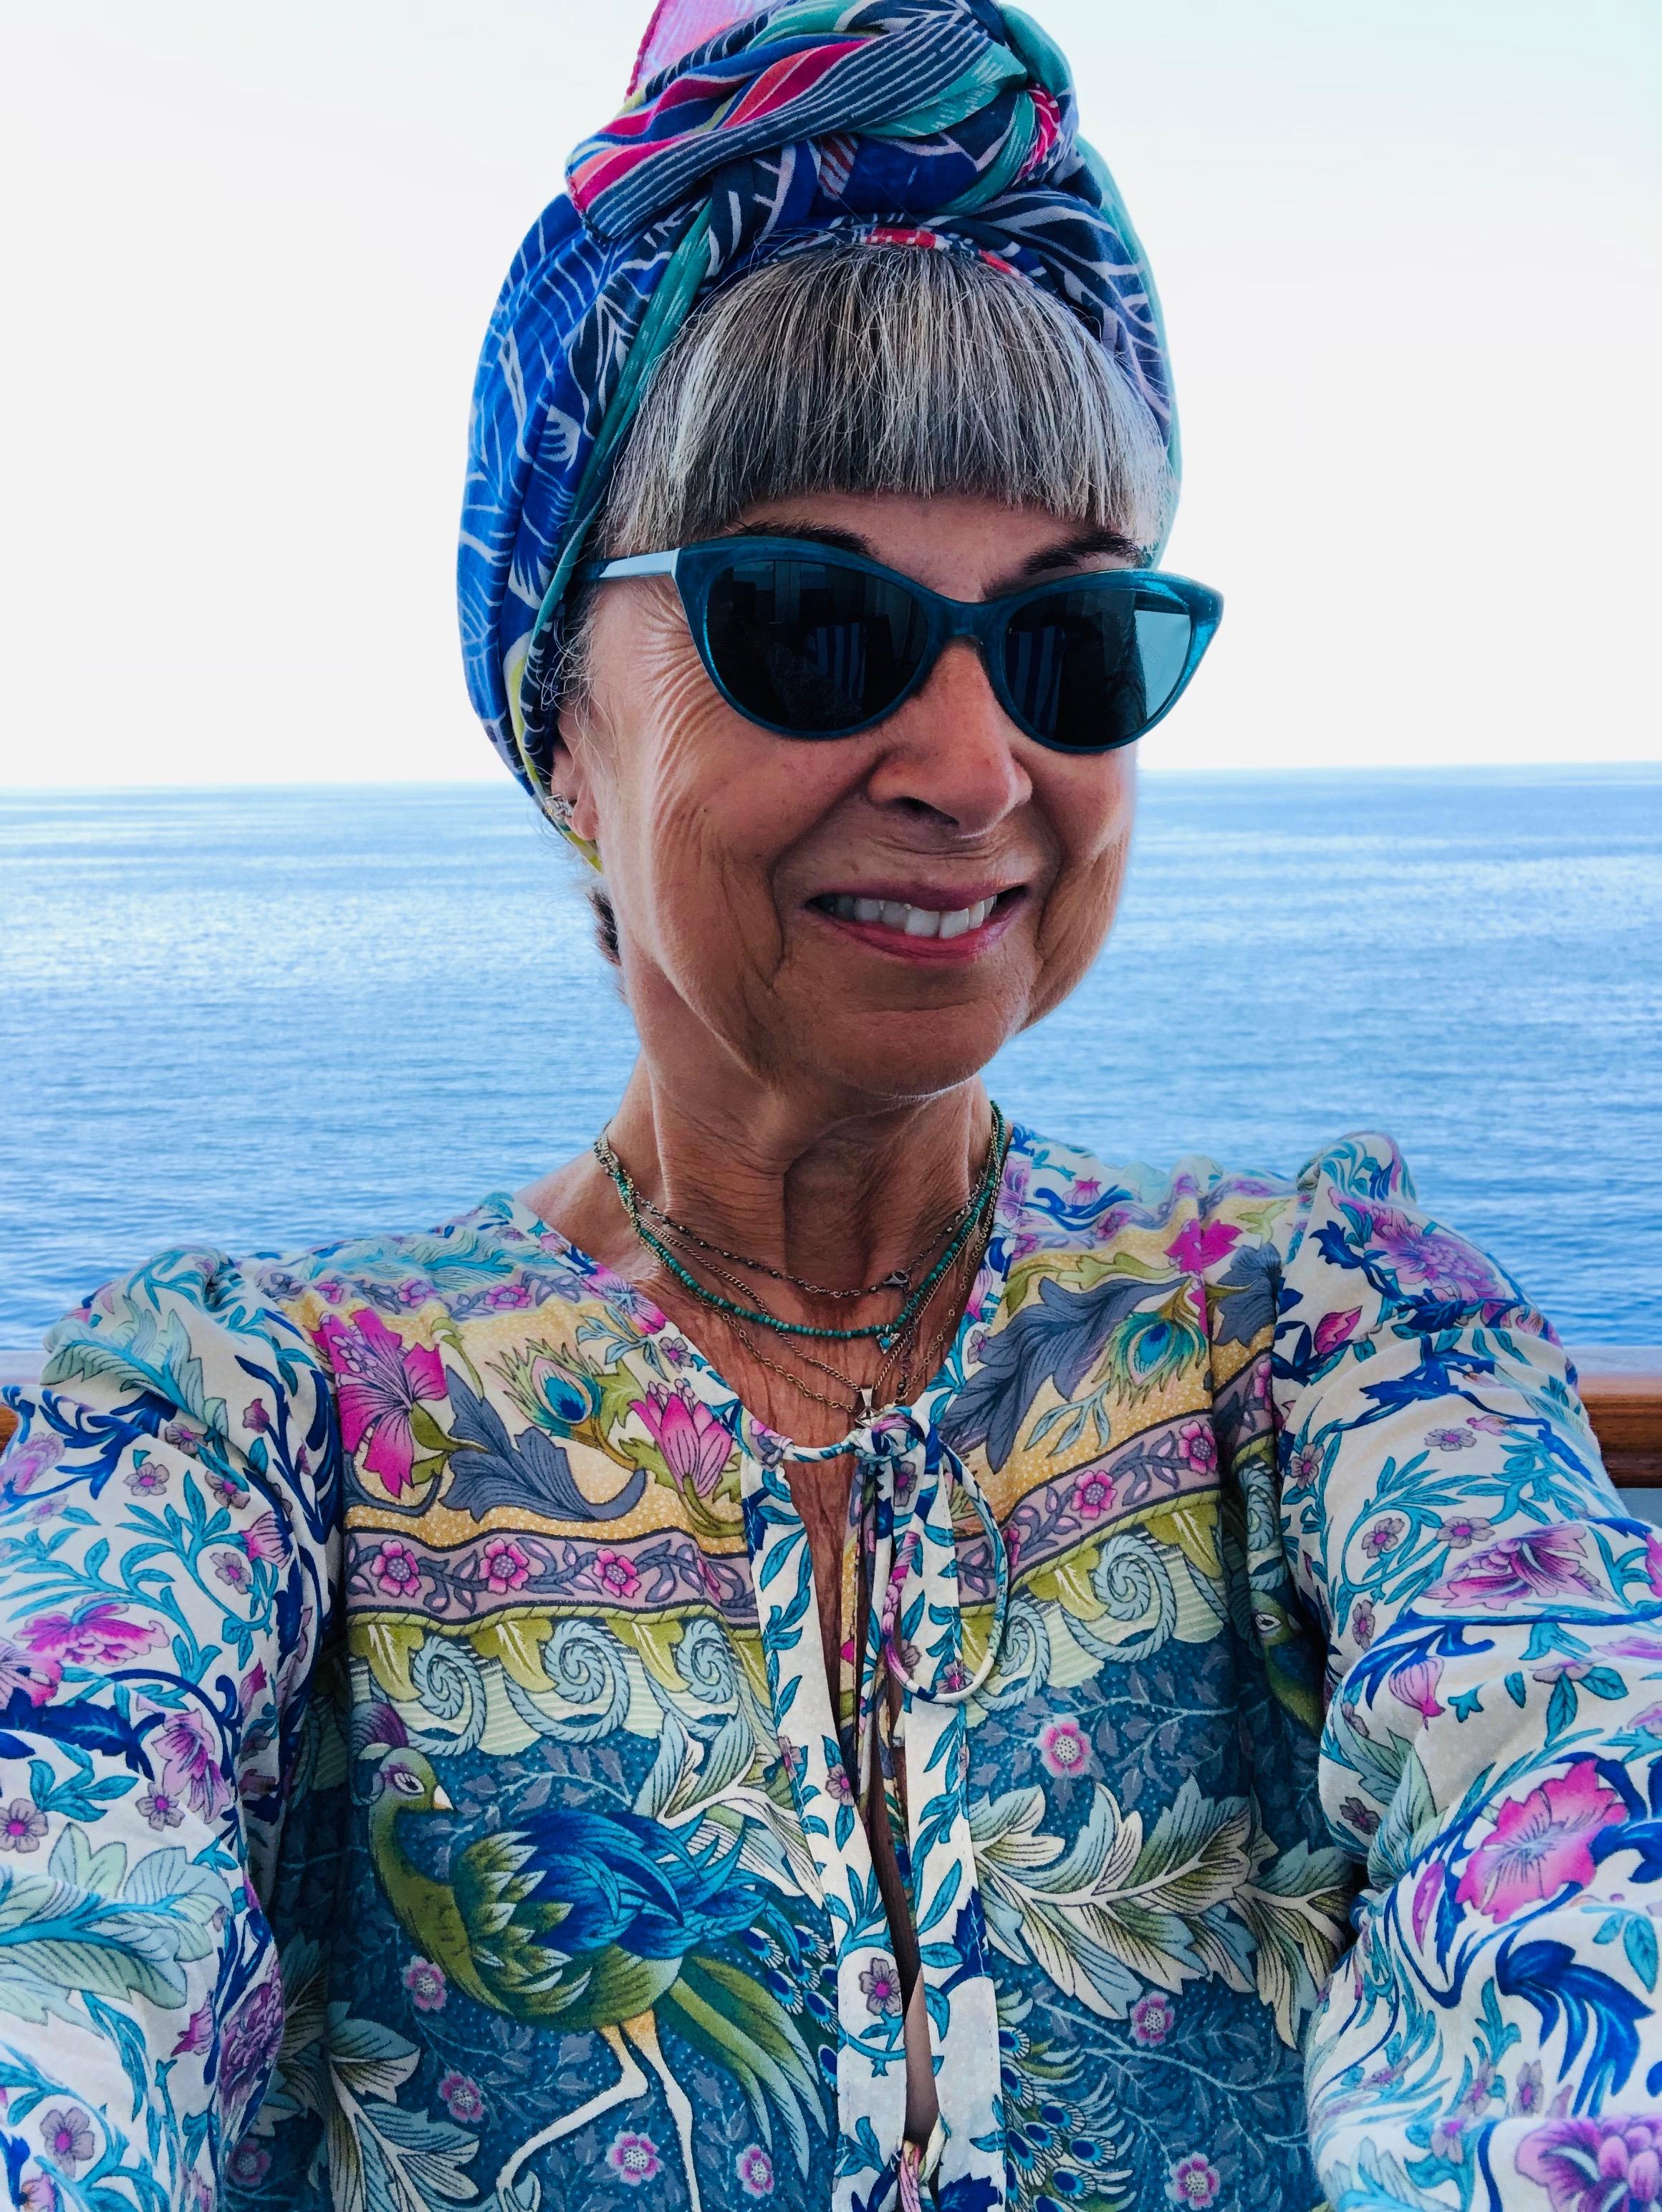 Look how happy I am on my balcony!